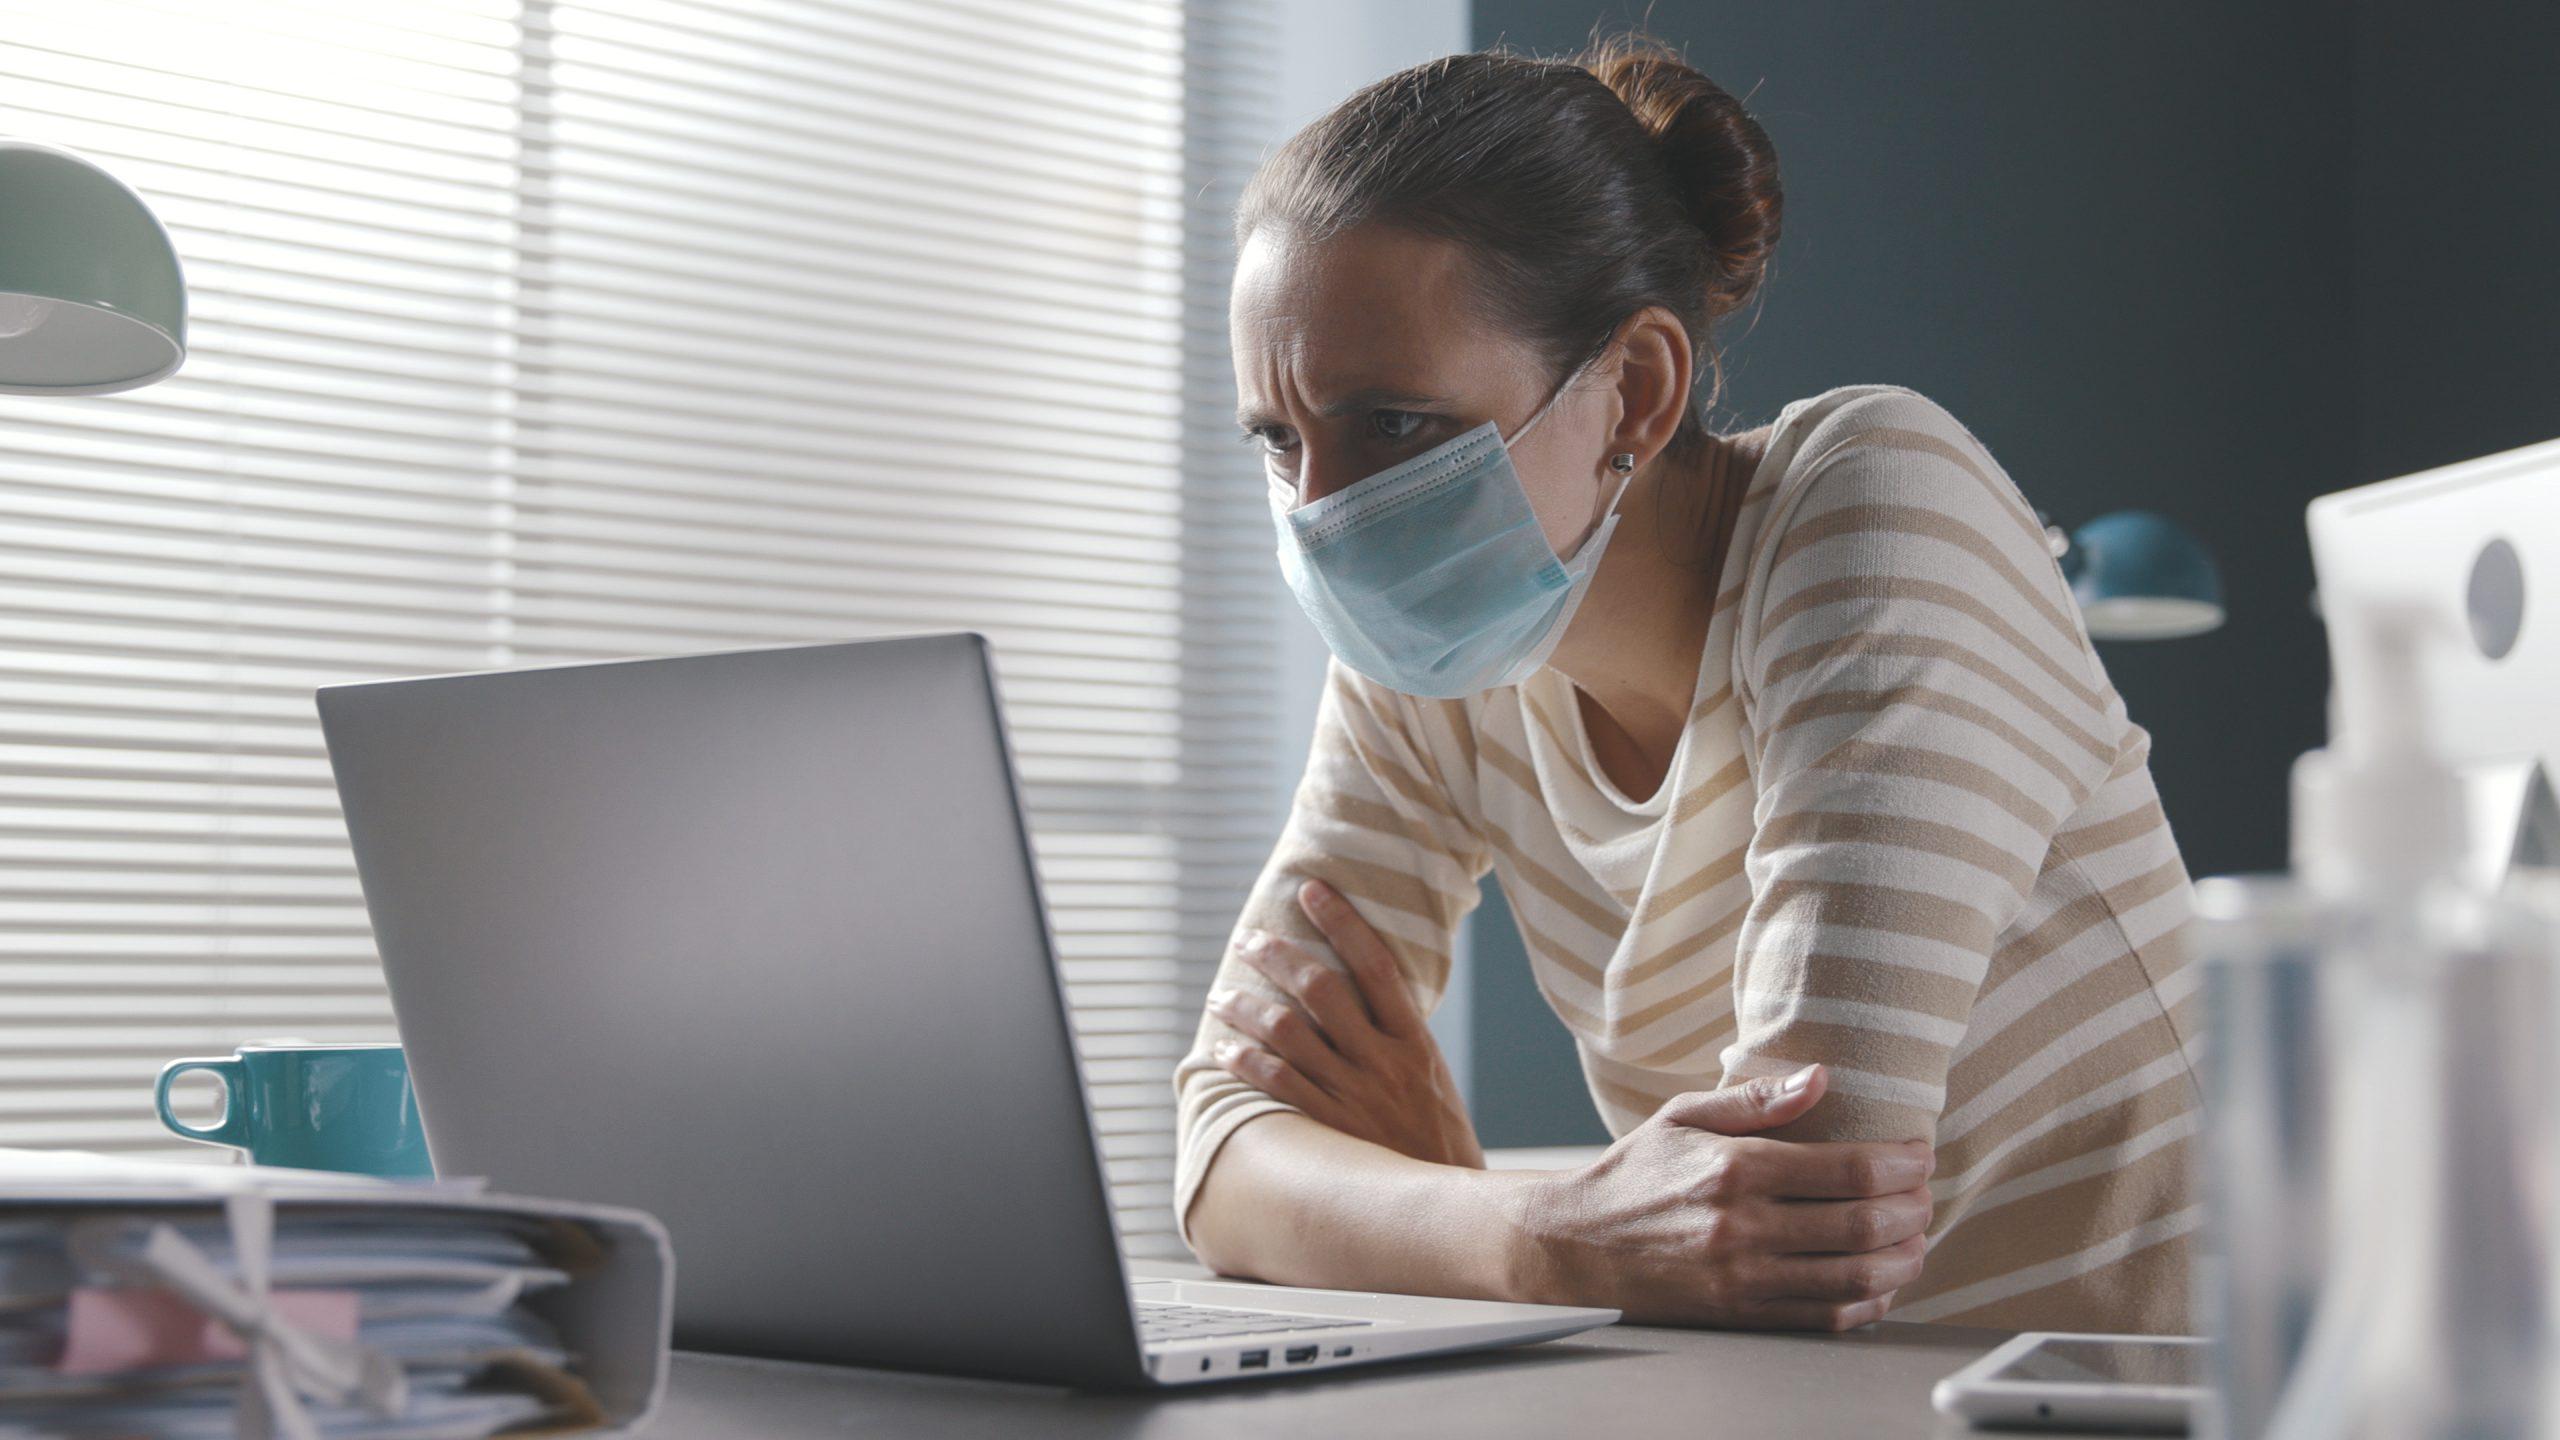 Sedentarietà causata dalla pandemia da Covid